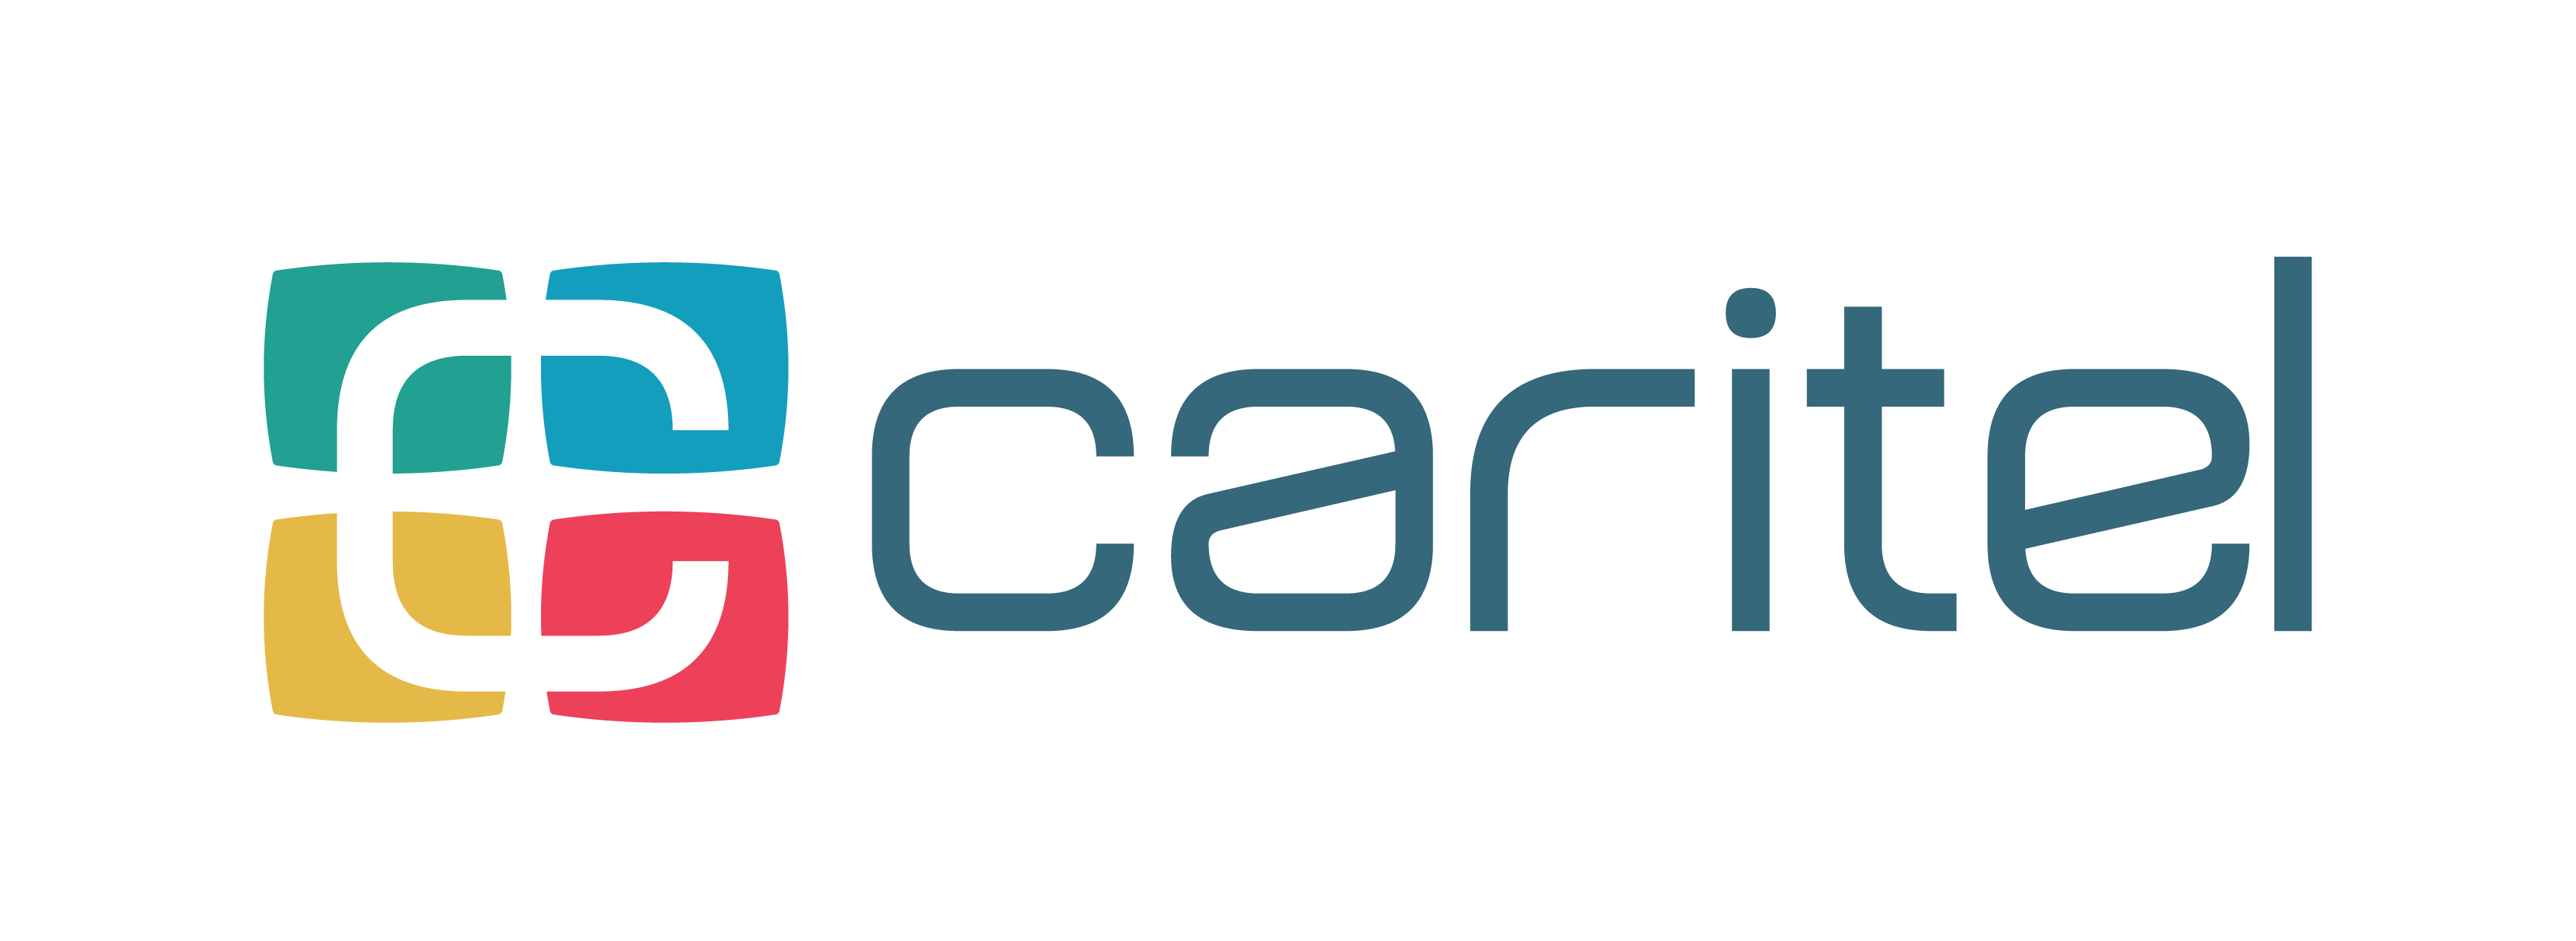 CARITEL